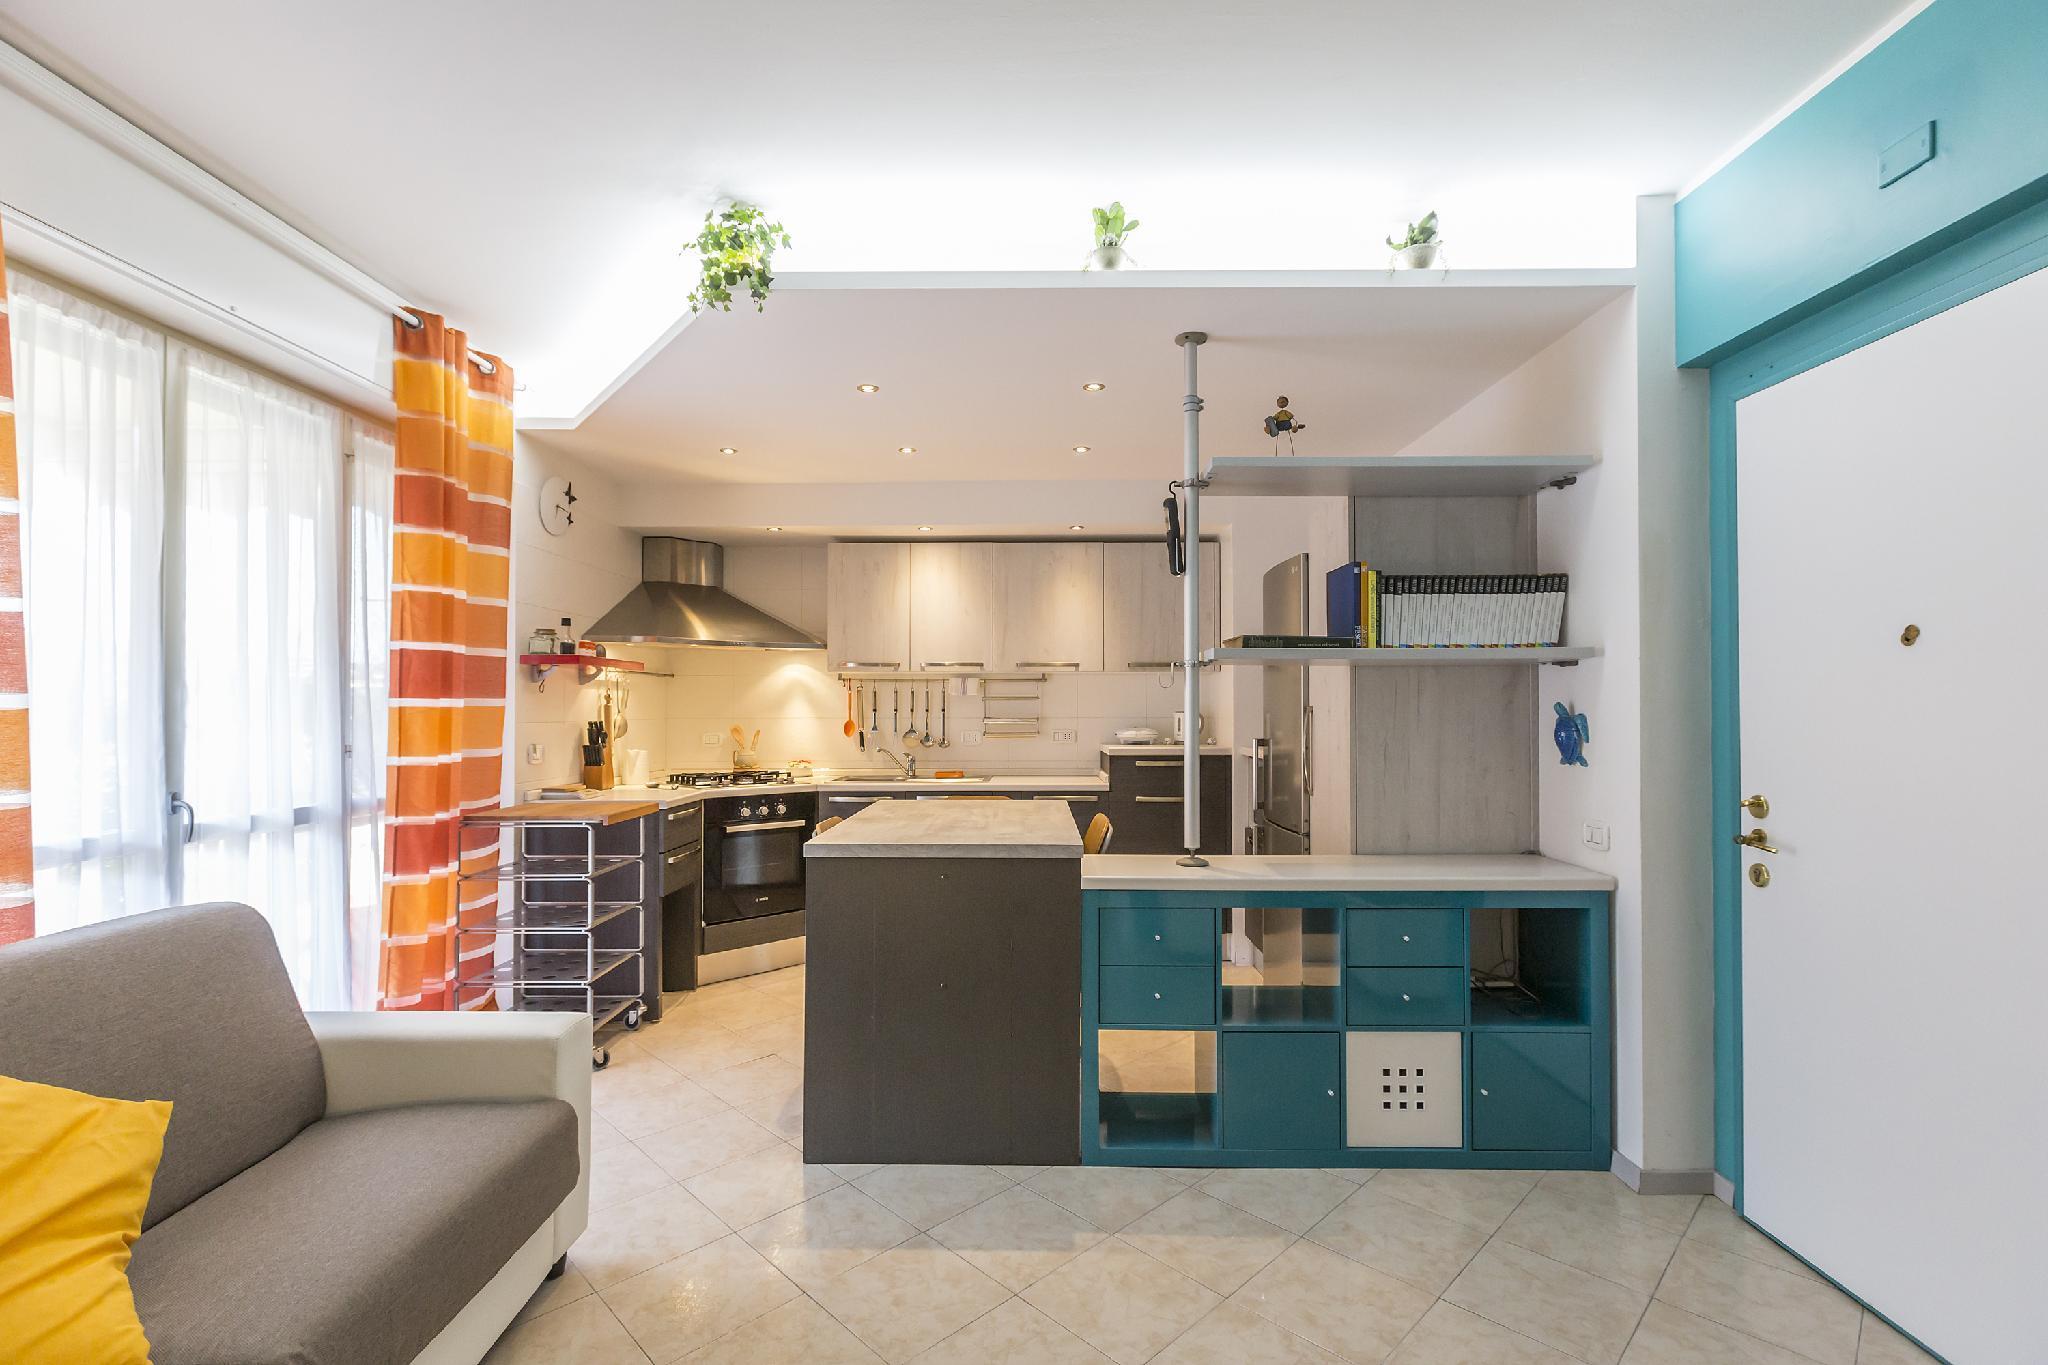 Cozy 1 BR in the residential Lorenteggio